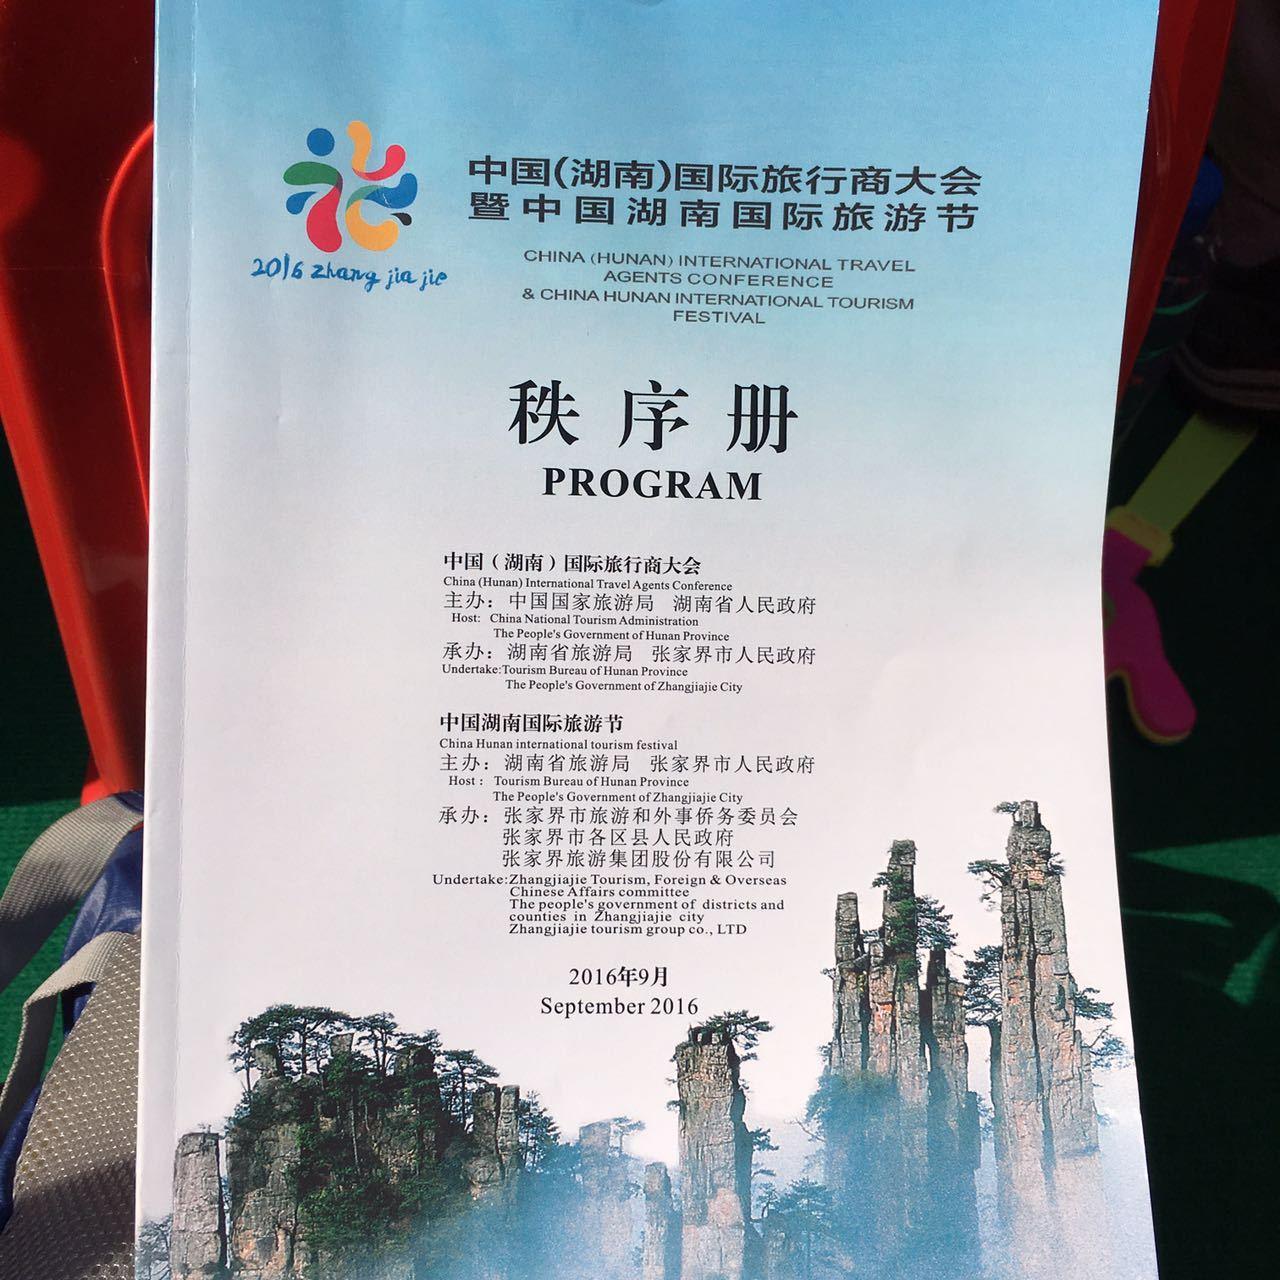 2016年中国湖南国际旅游节,今天上午在张家界隆重开幕!_d0027795_11274964.jpeg